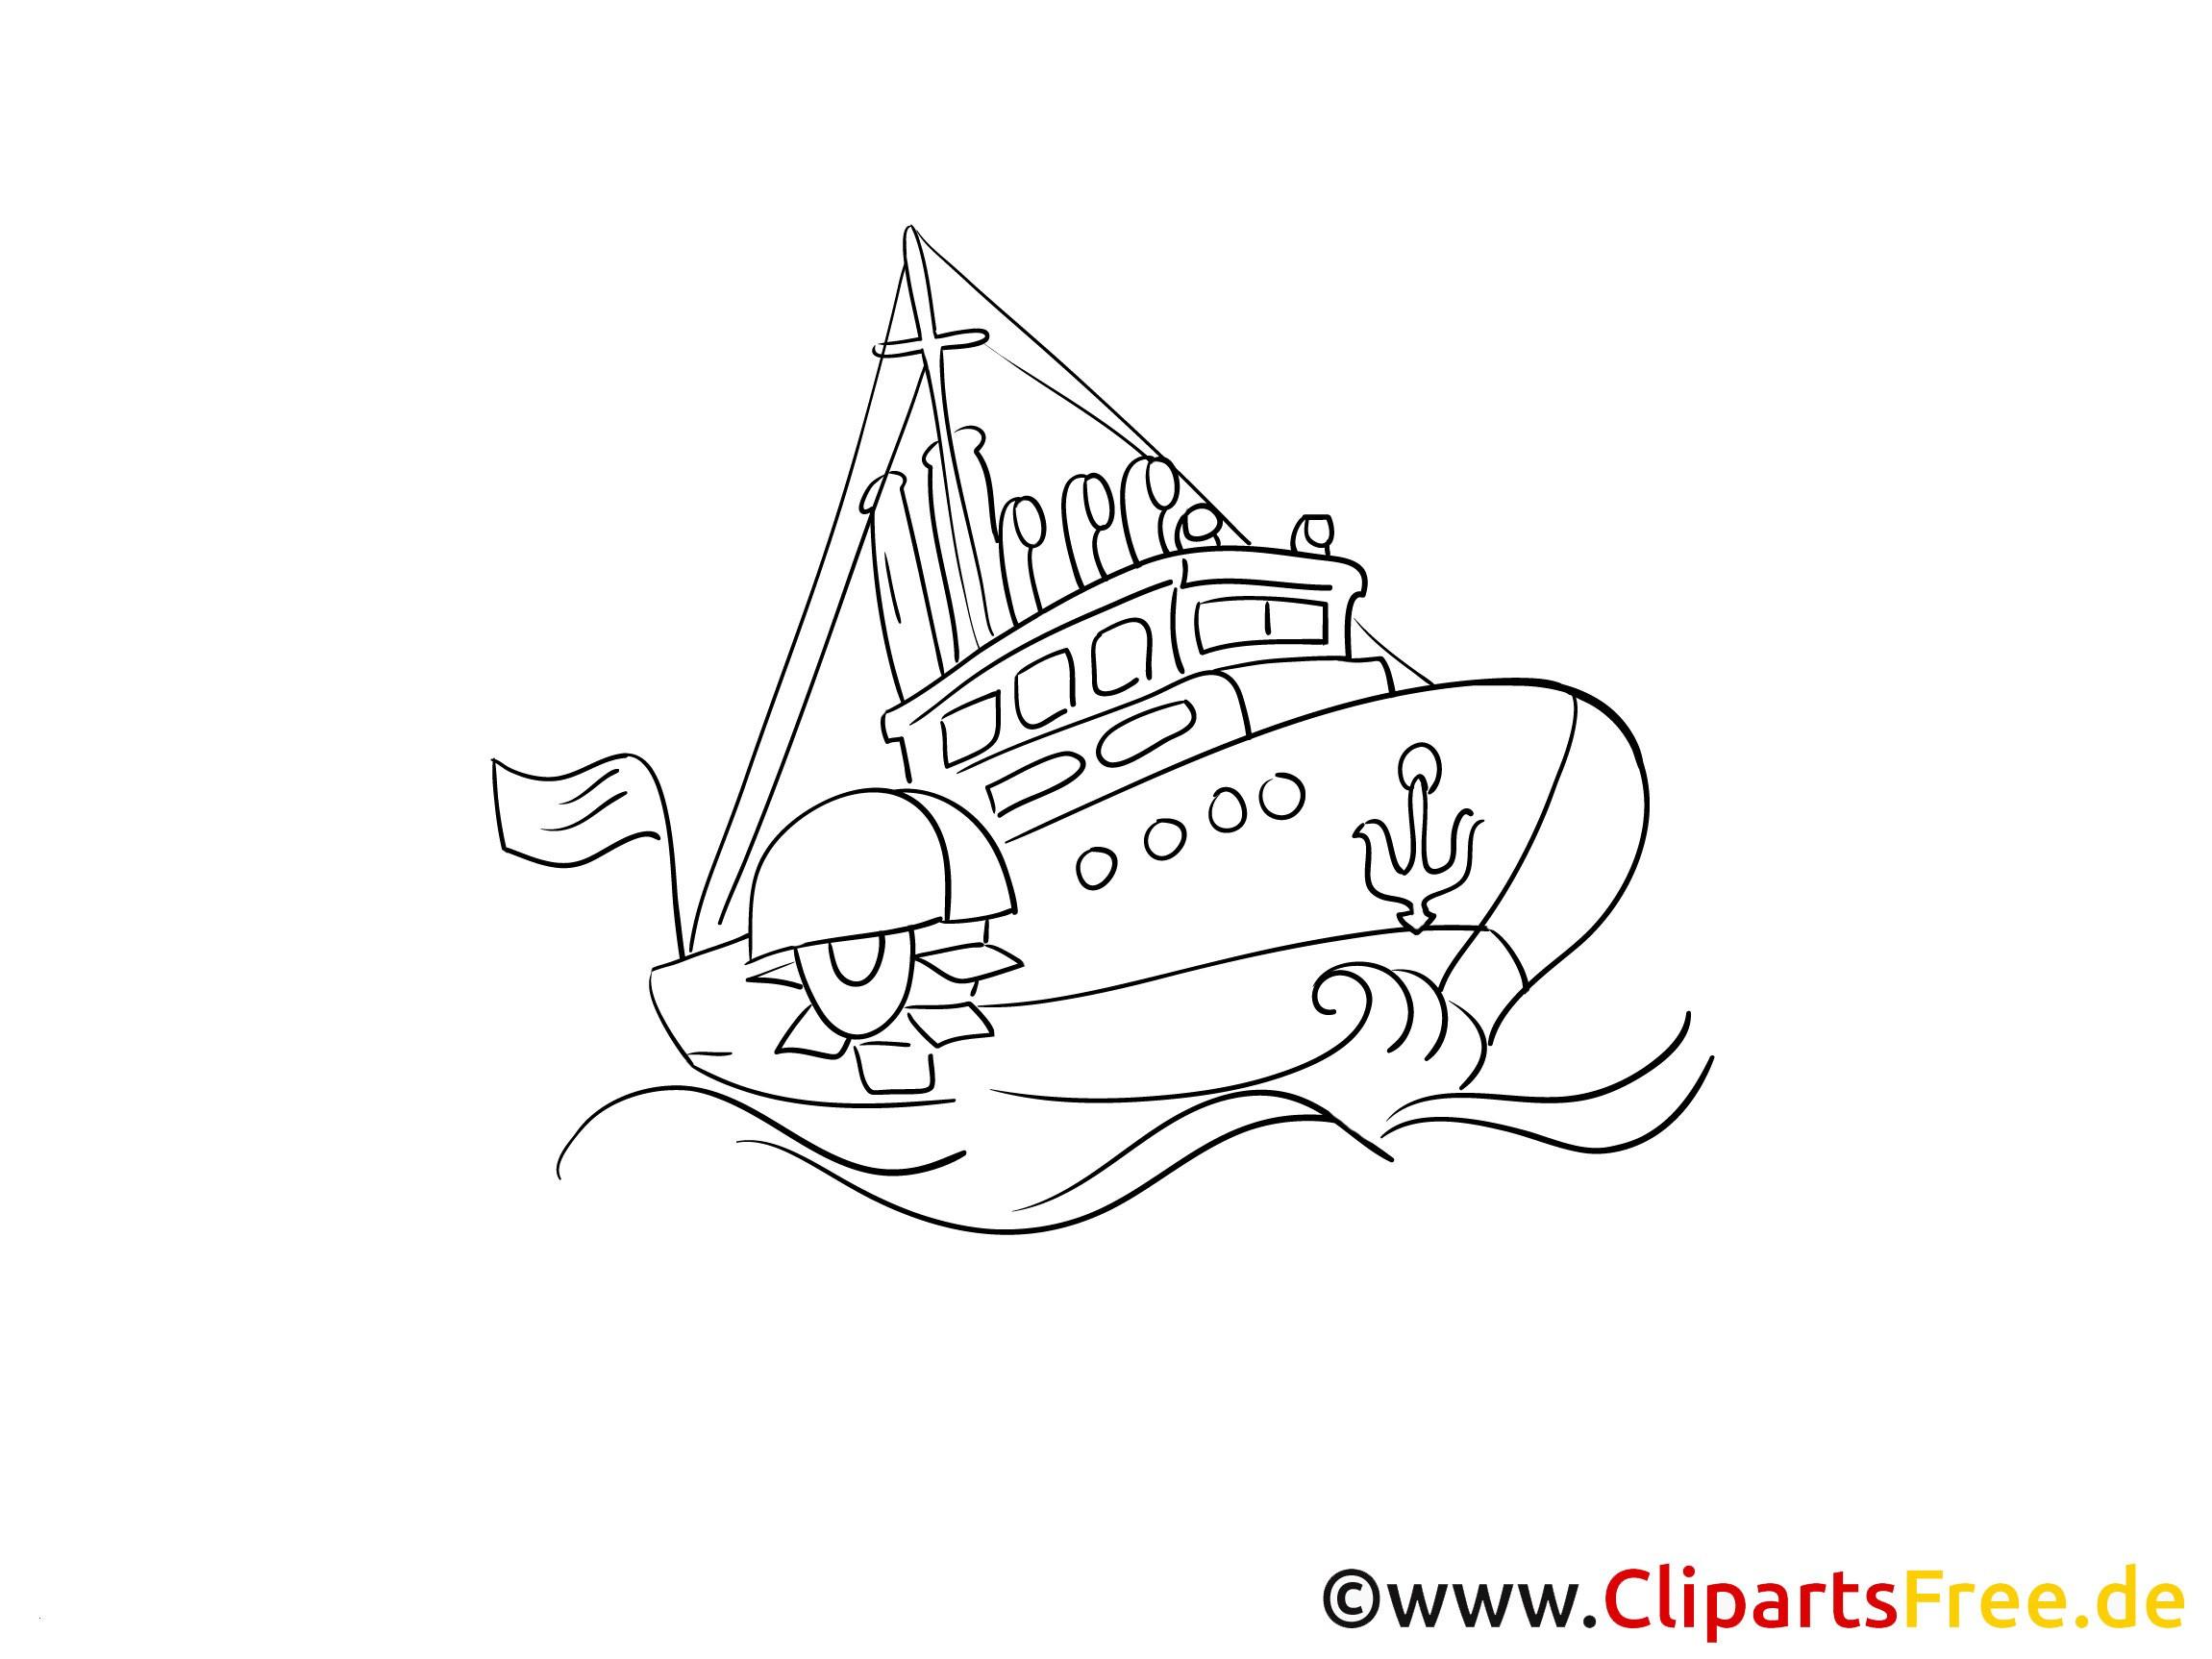 Schiffe Zum Ausmalen Inspirierend Malvorlagen Schiffe Lovely 38 Malvorlagen Schiff Scoredatscore Galerie